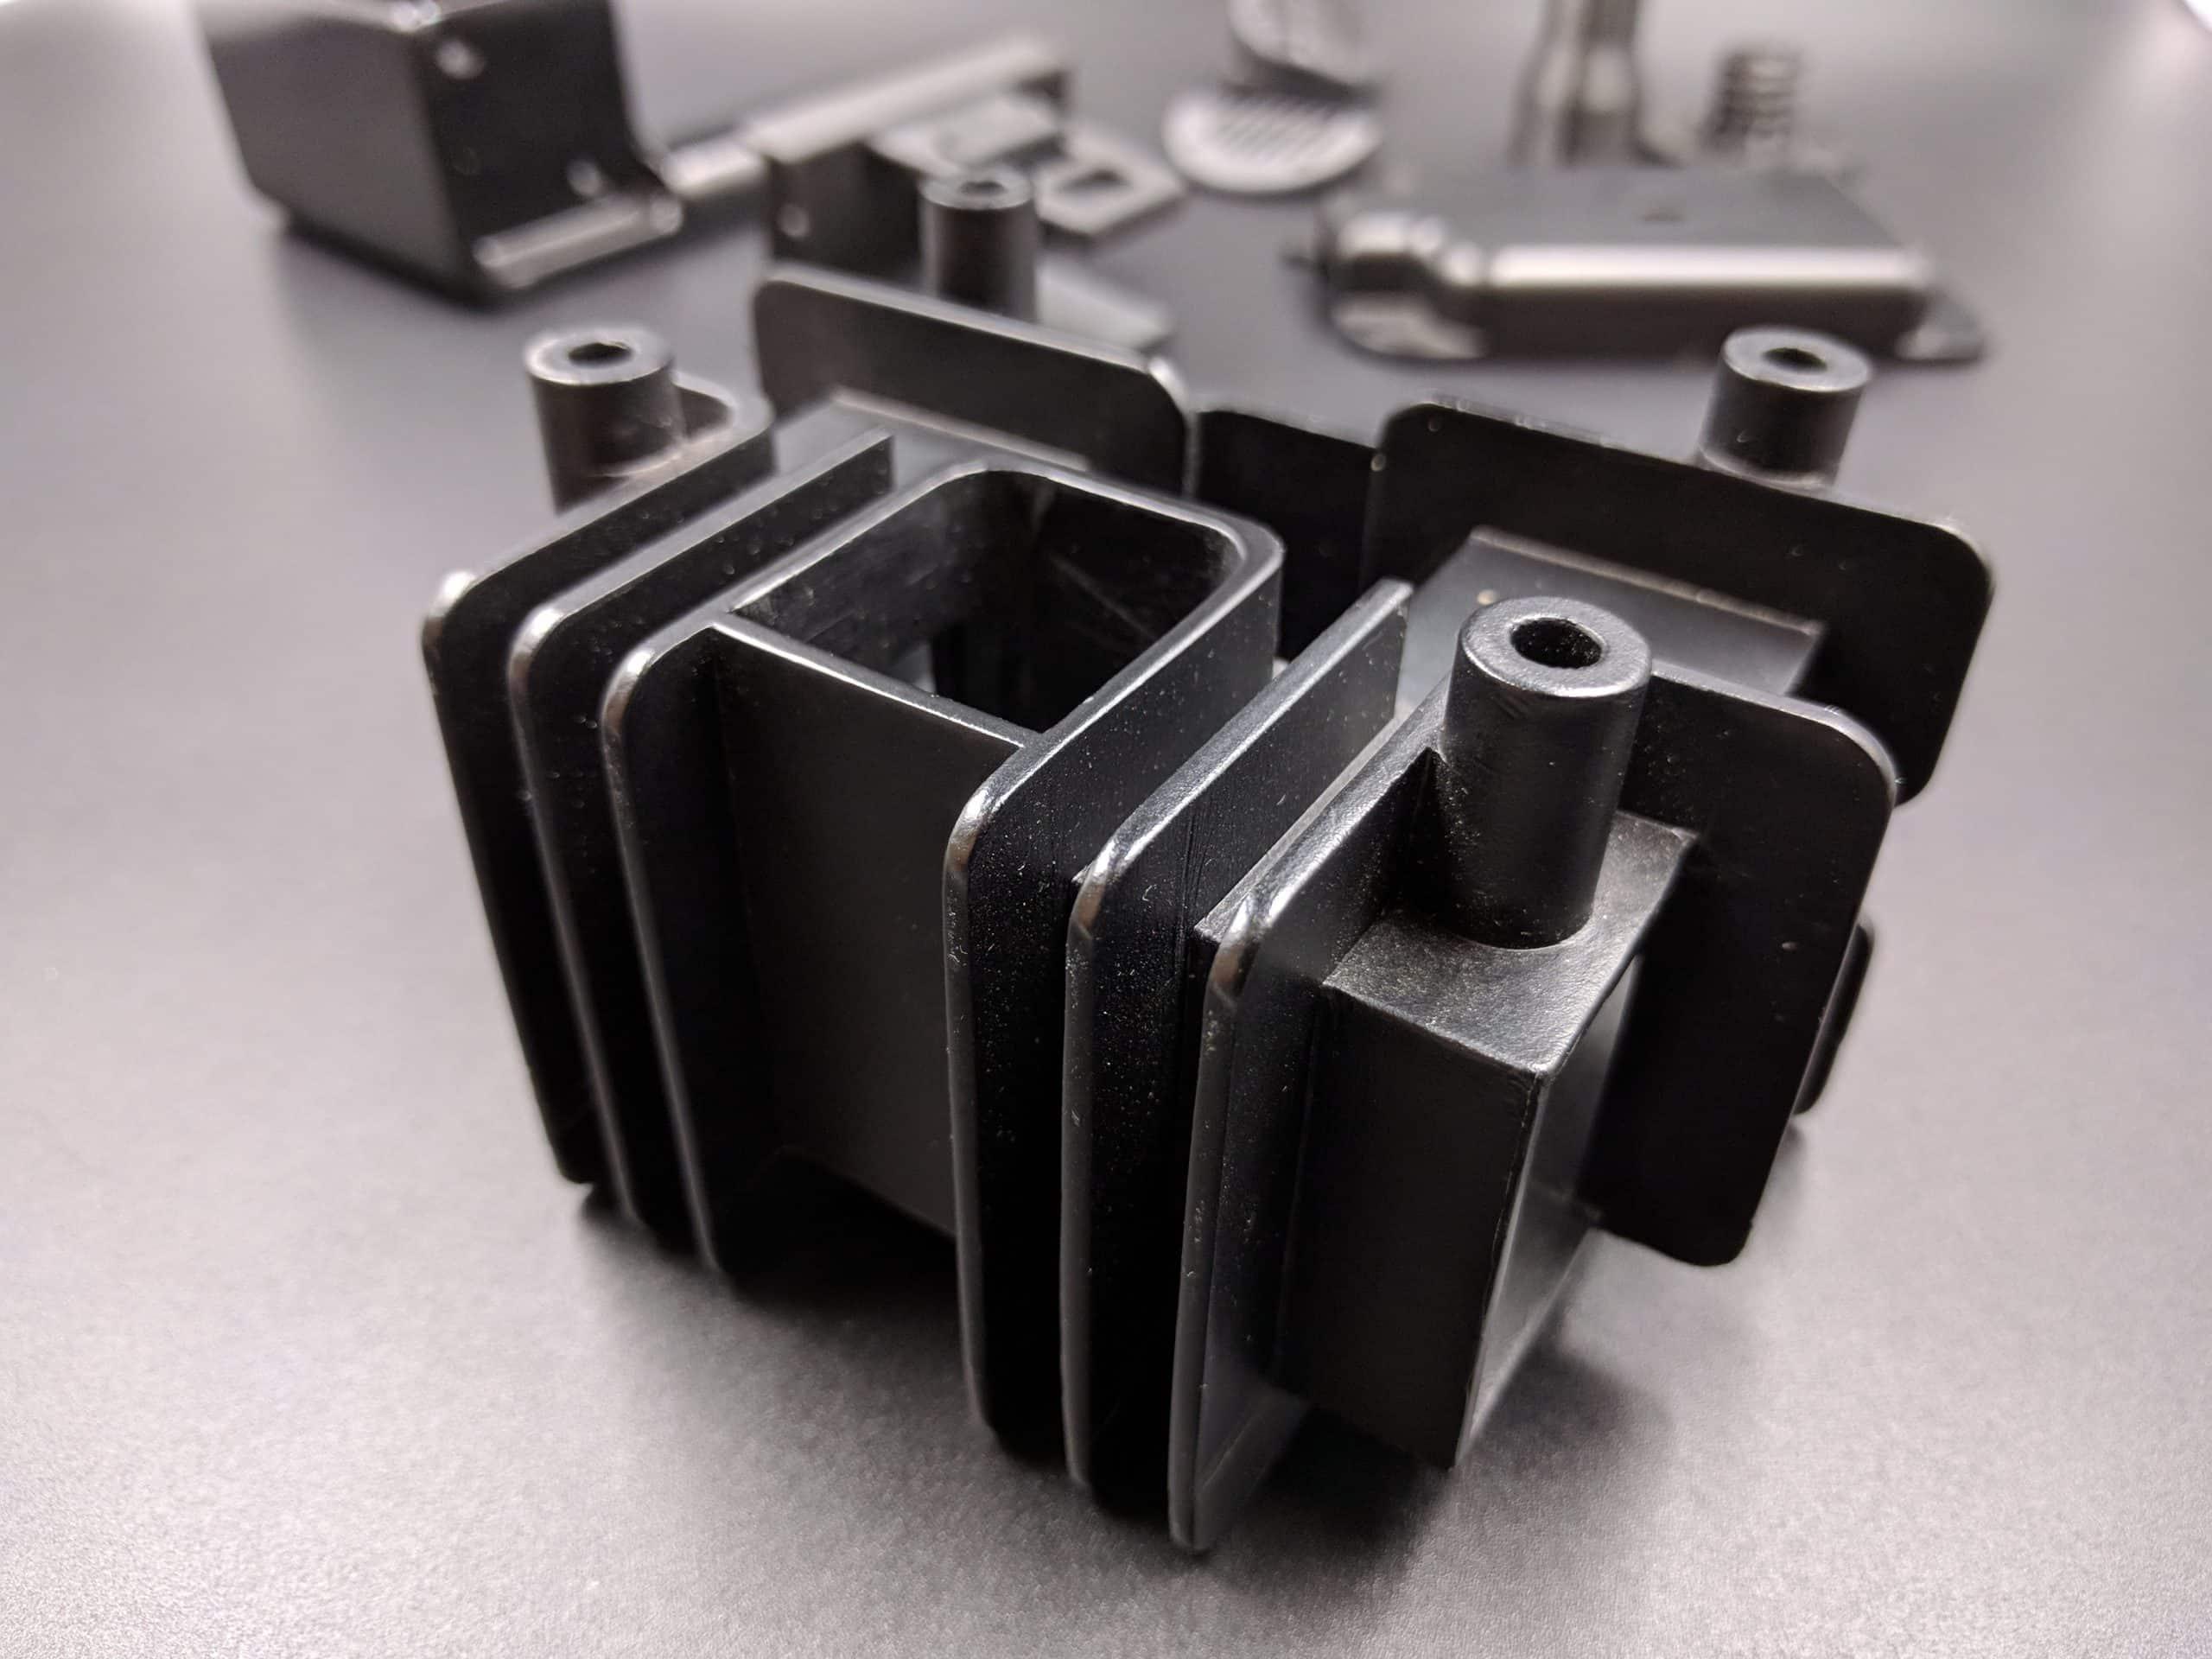 Vacuum Cast Black ABS-Like